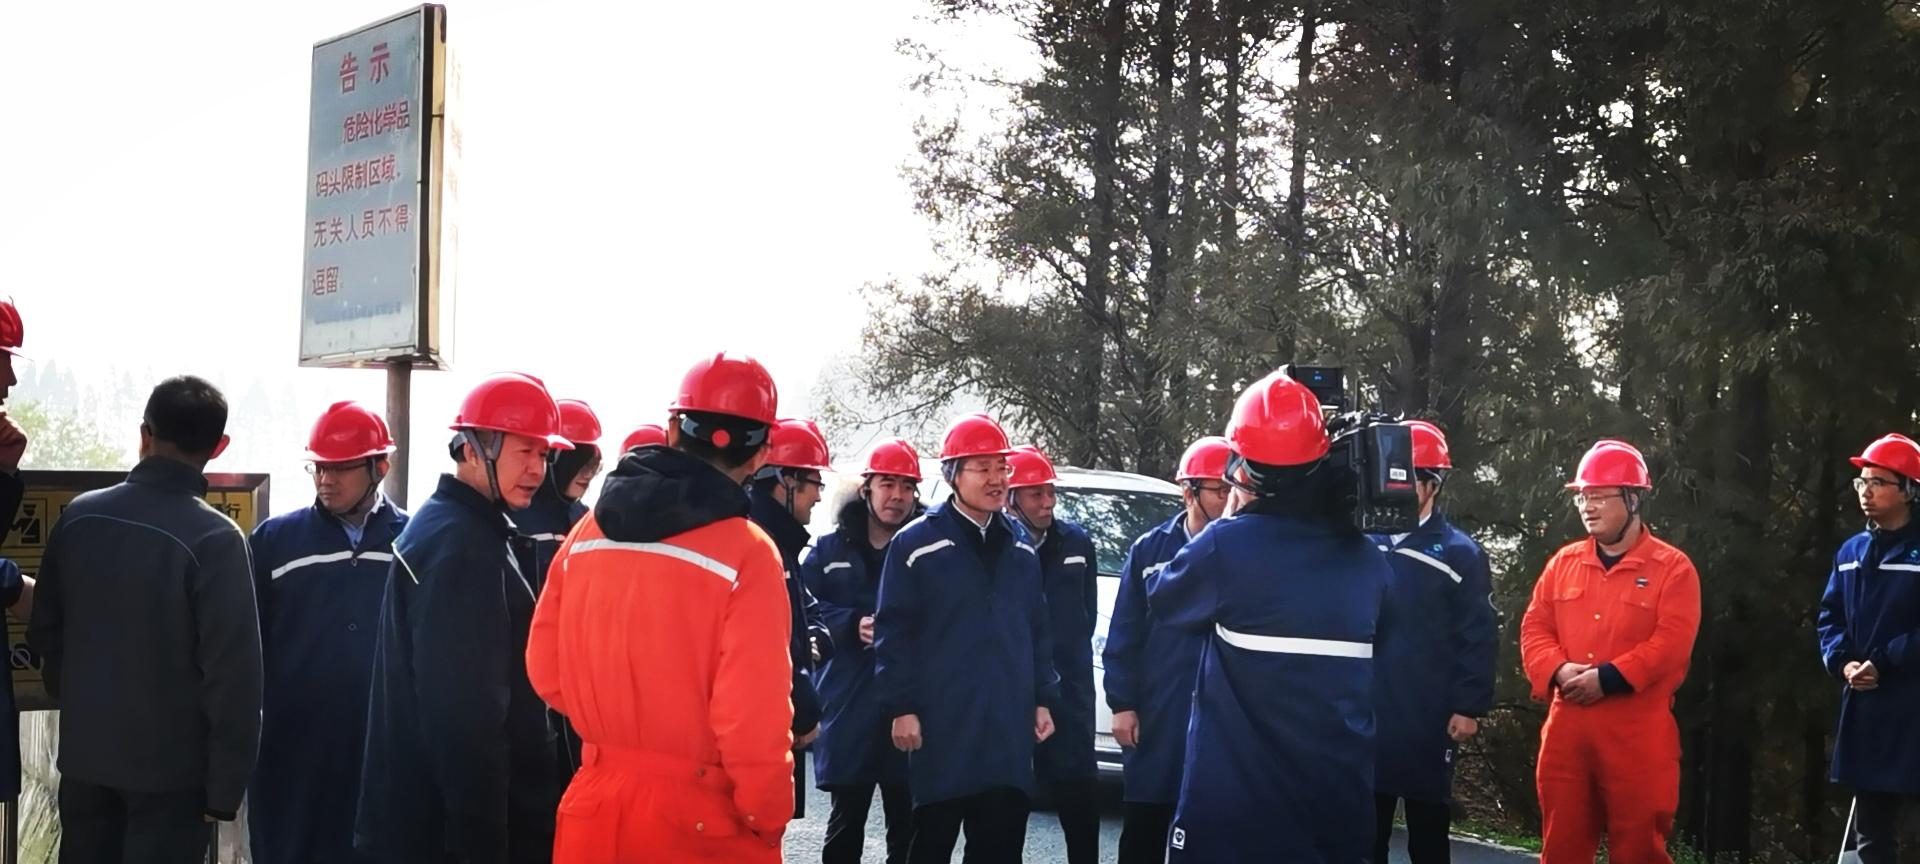 江阴市领导调研化工园区 整治提升工作